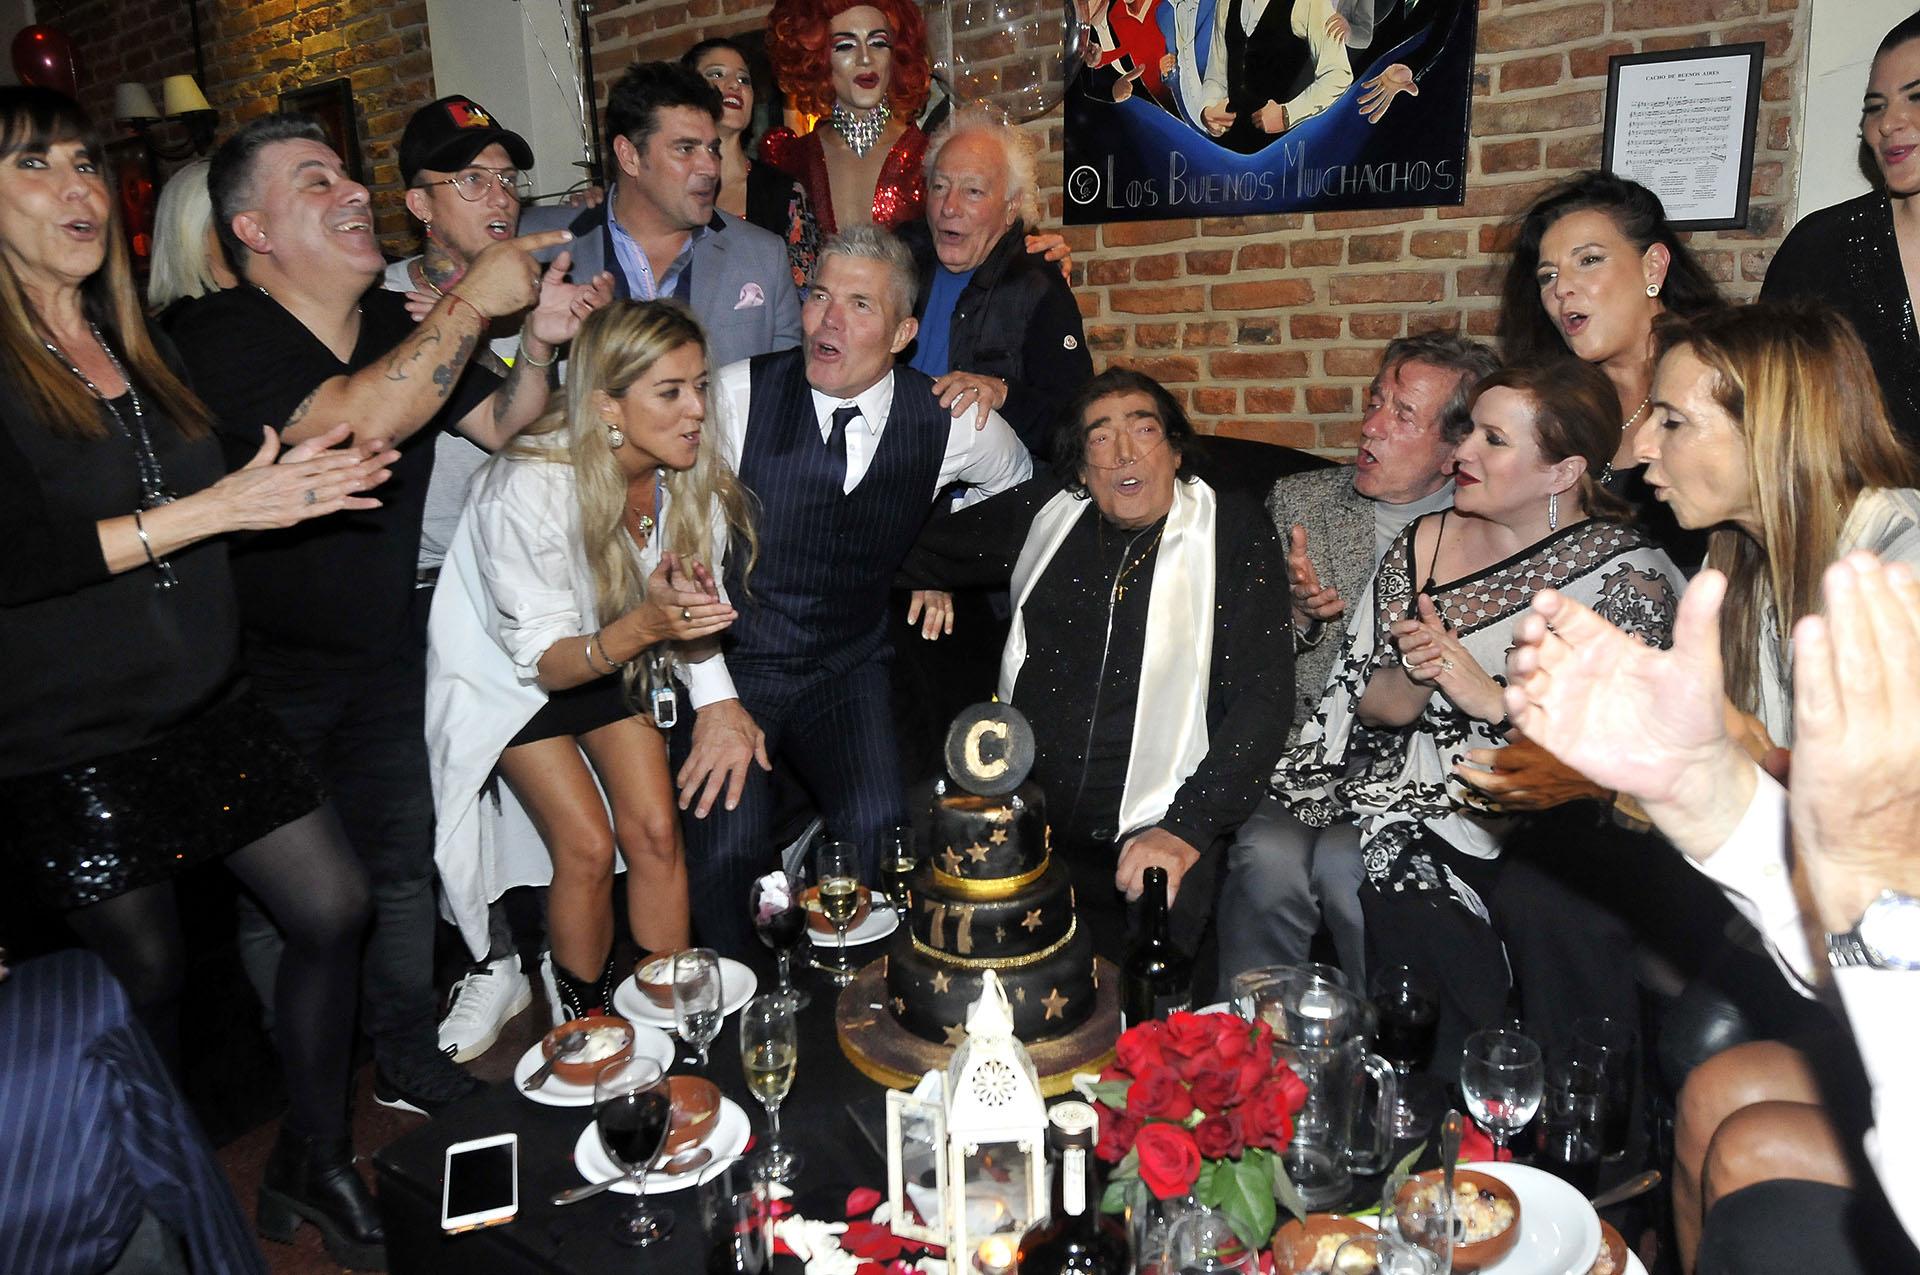 Los invitados le cantaron el feliz cumpleaños al artista